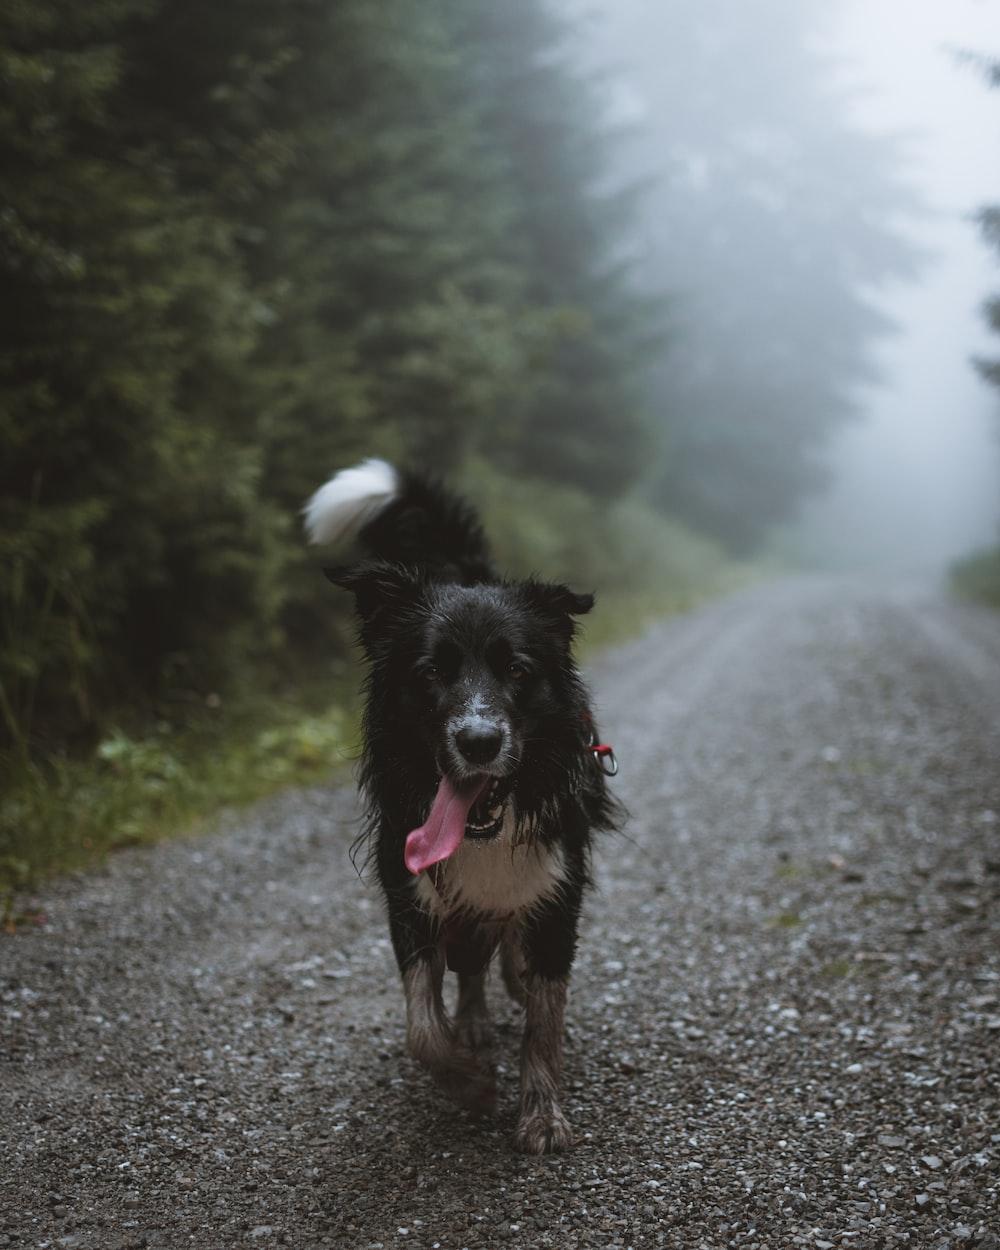 black dog walking on pathway at daytime